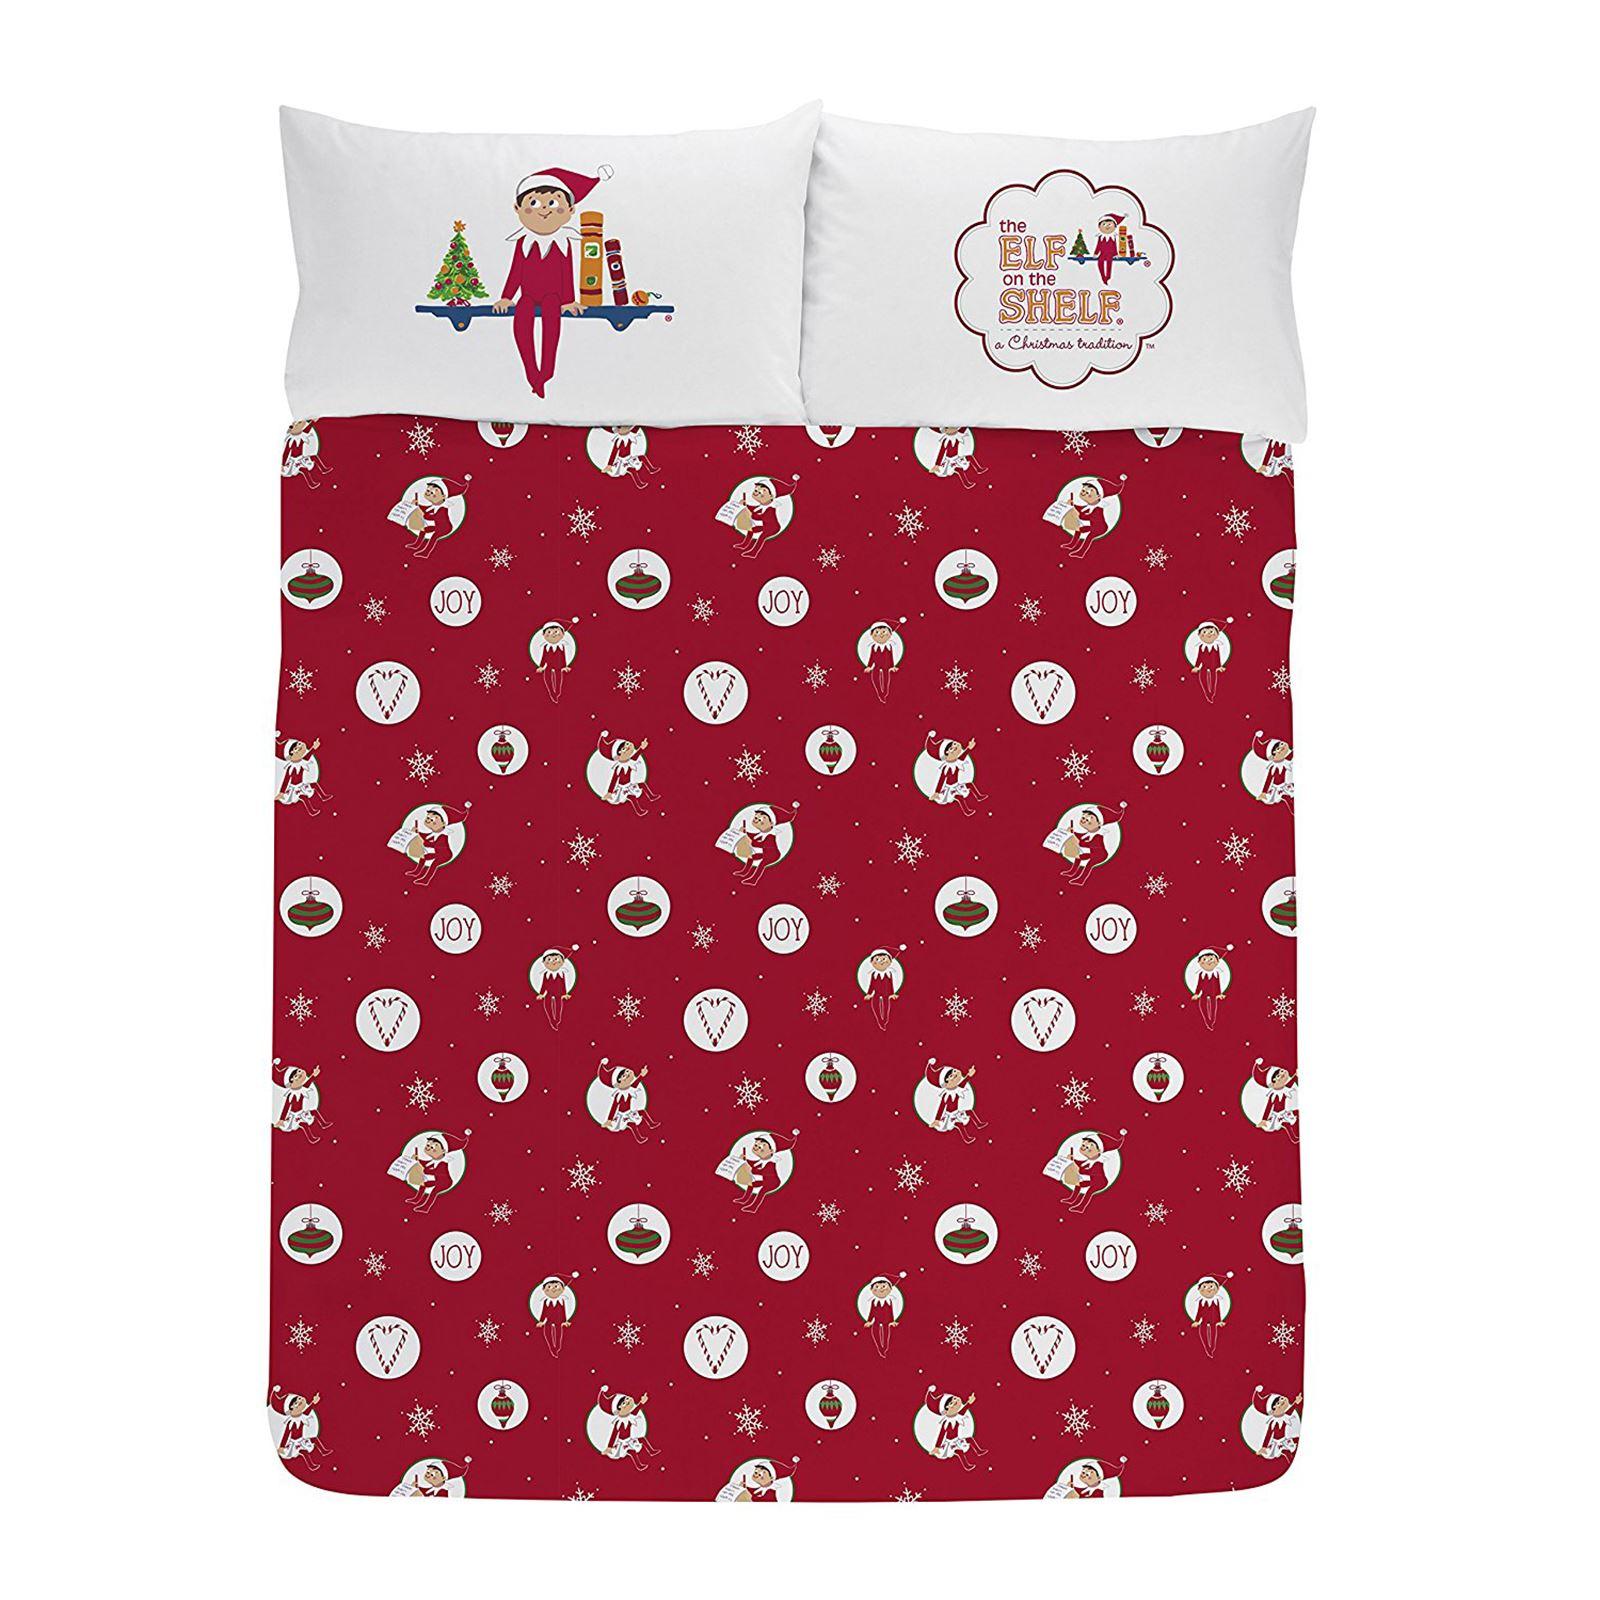 Indexbild 21 - Kinder Weihnachten Bettbezug Sets - Junior Einzel Doppel King - Elf Emoji Grinch